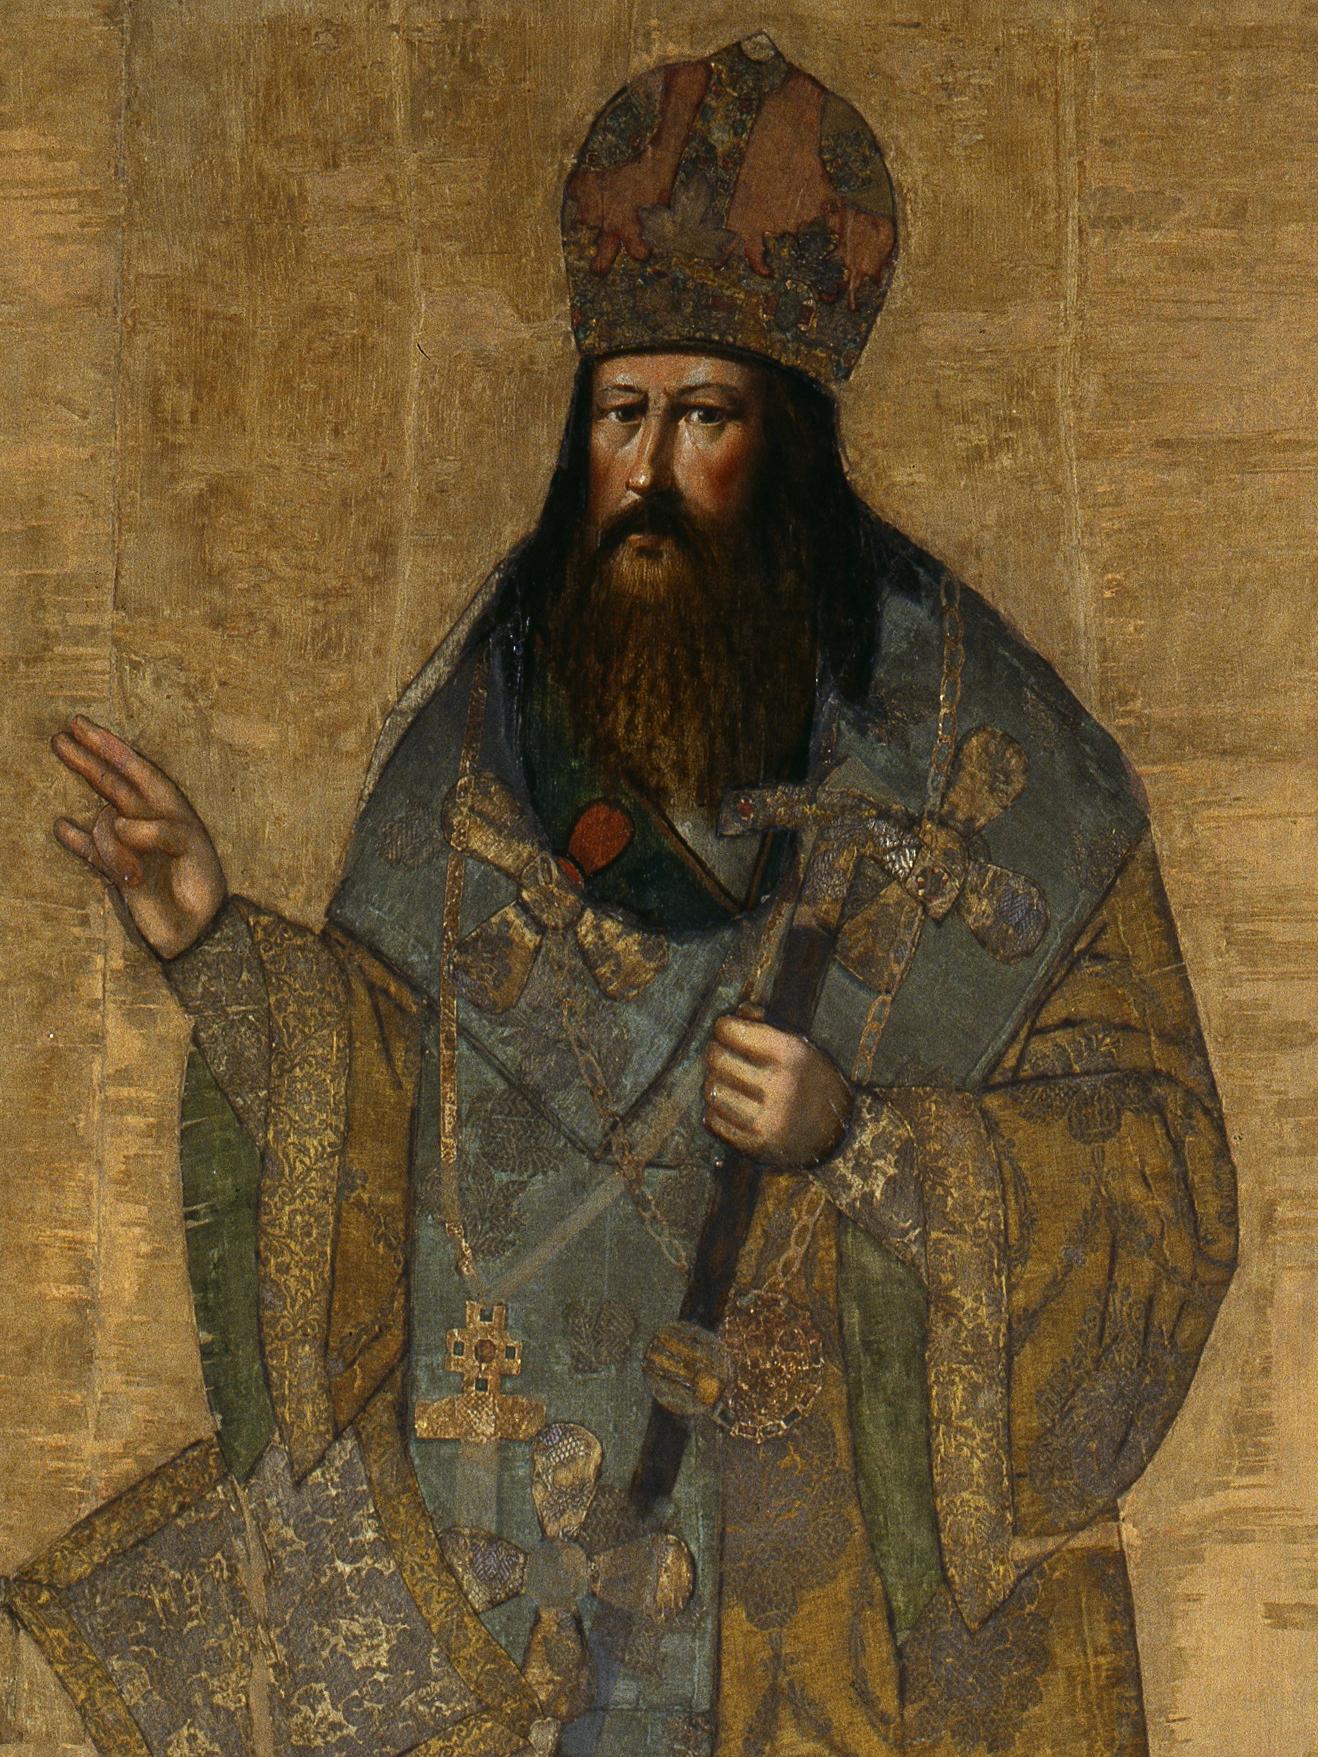 Парсуна Патриарх Никон. Волтырь Иван. Оружейная палата, ок. 1682 г.